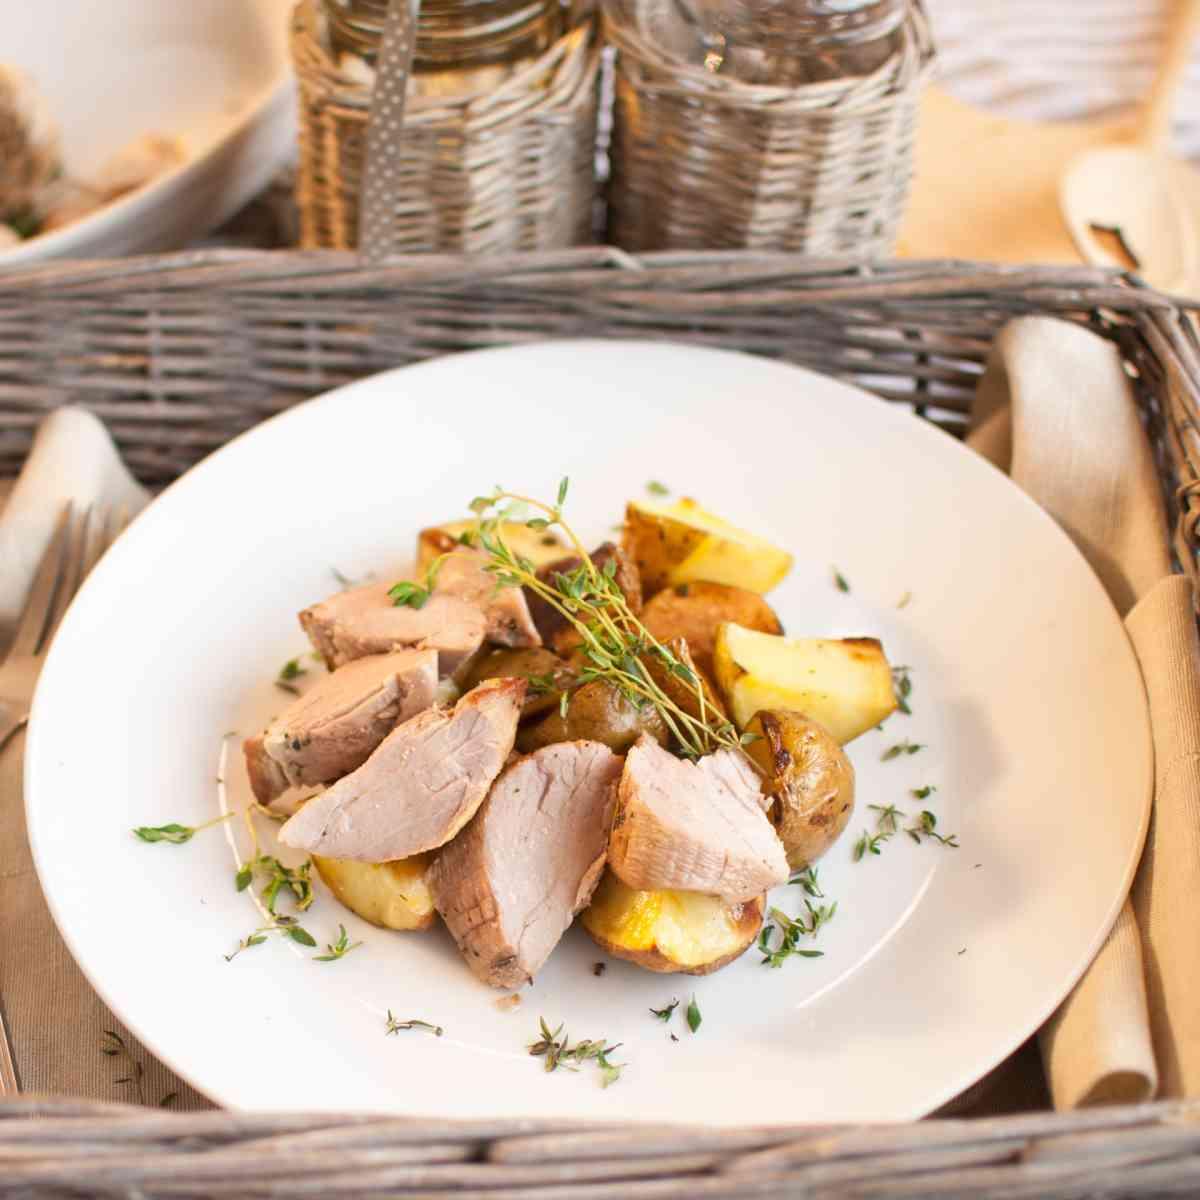 Vepřová panenka s pečeným bramborem, jarní salát s ředkvičkou, kedlubnou a čočkovými klíčky